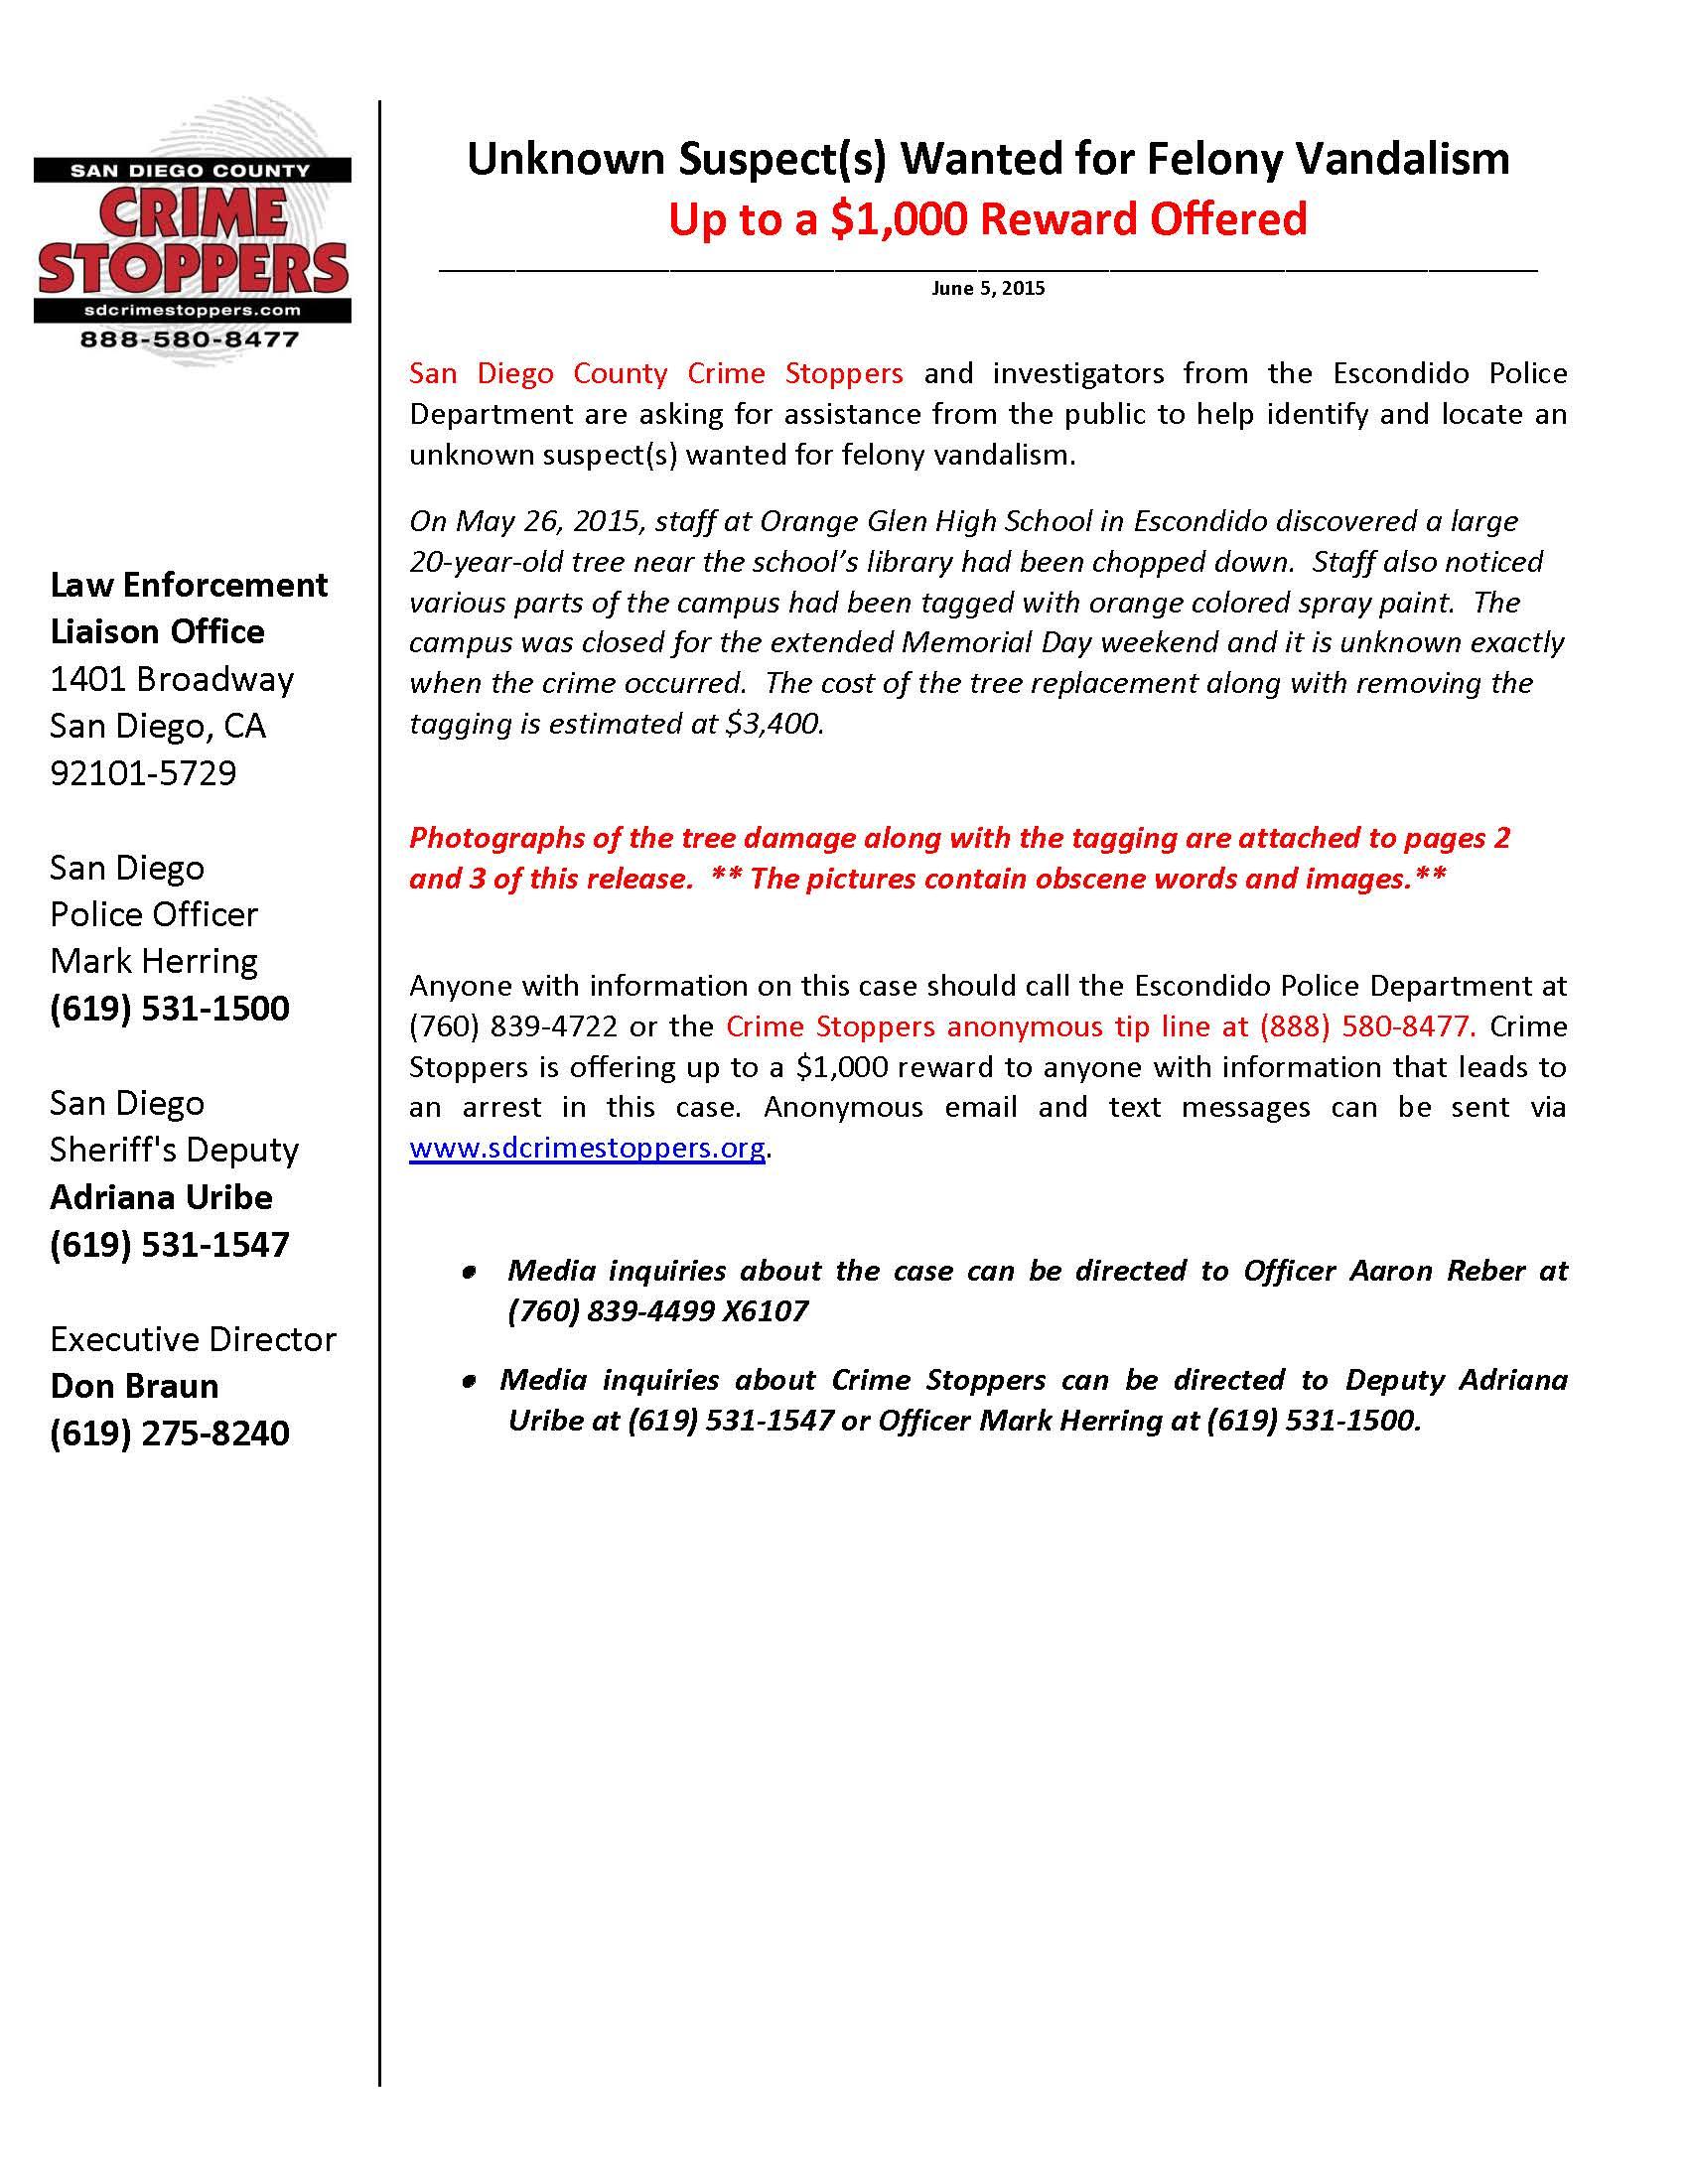 060515 Orange Glen High School Vandalism Case_Page_1